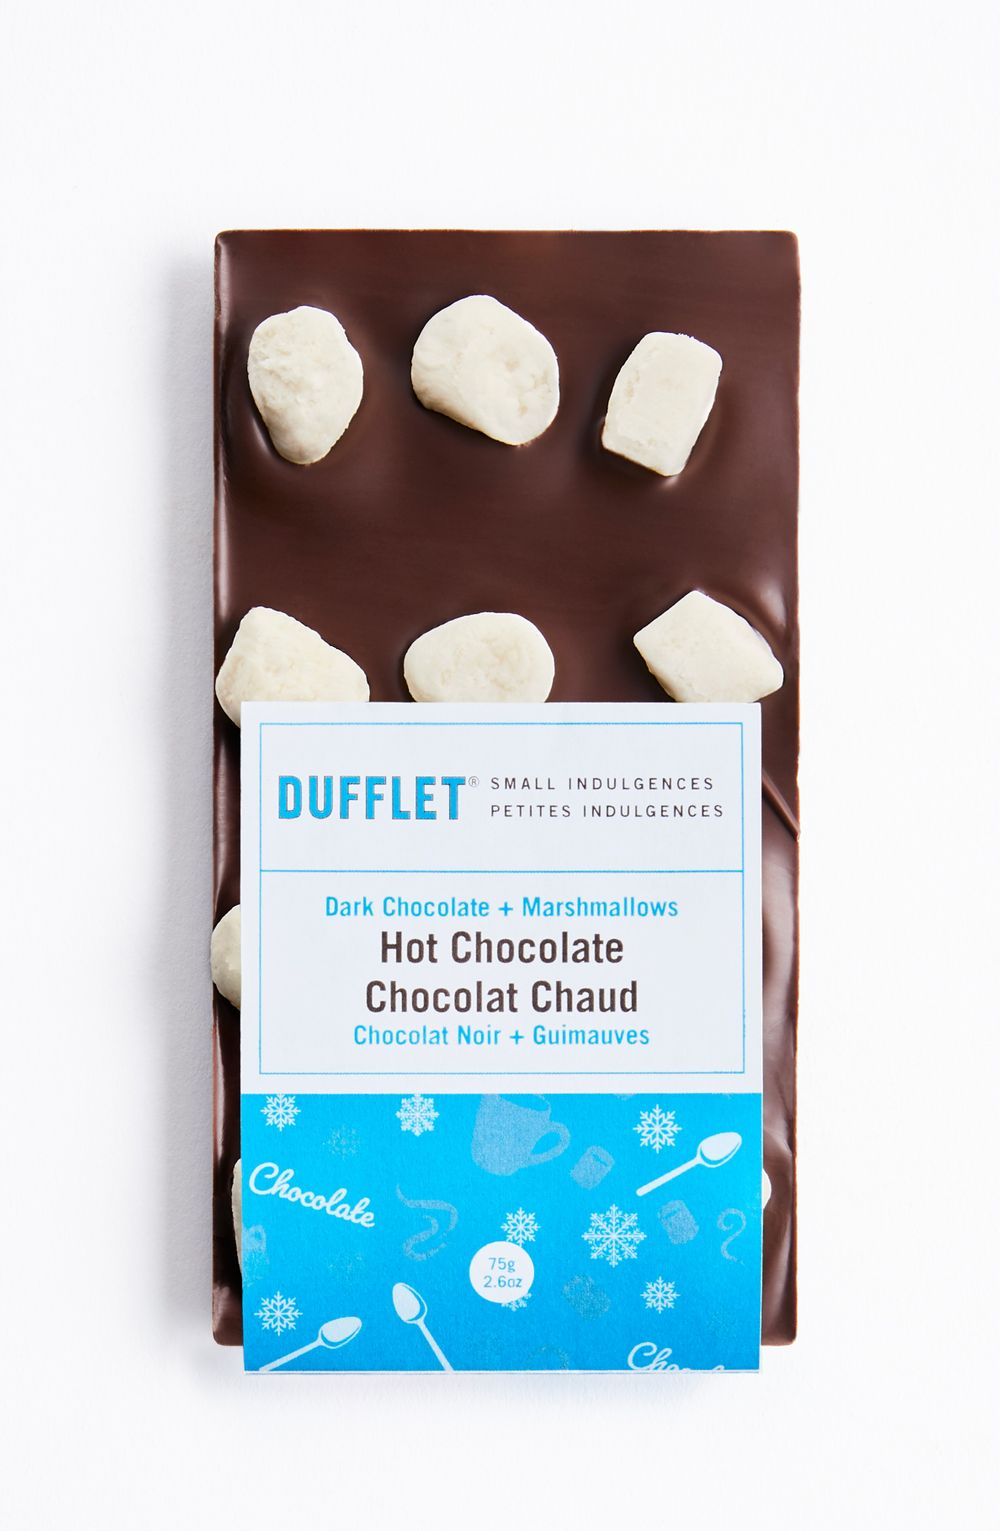 Dark Chocolate and Marshmallows Hot Chocolate